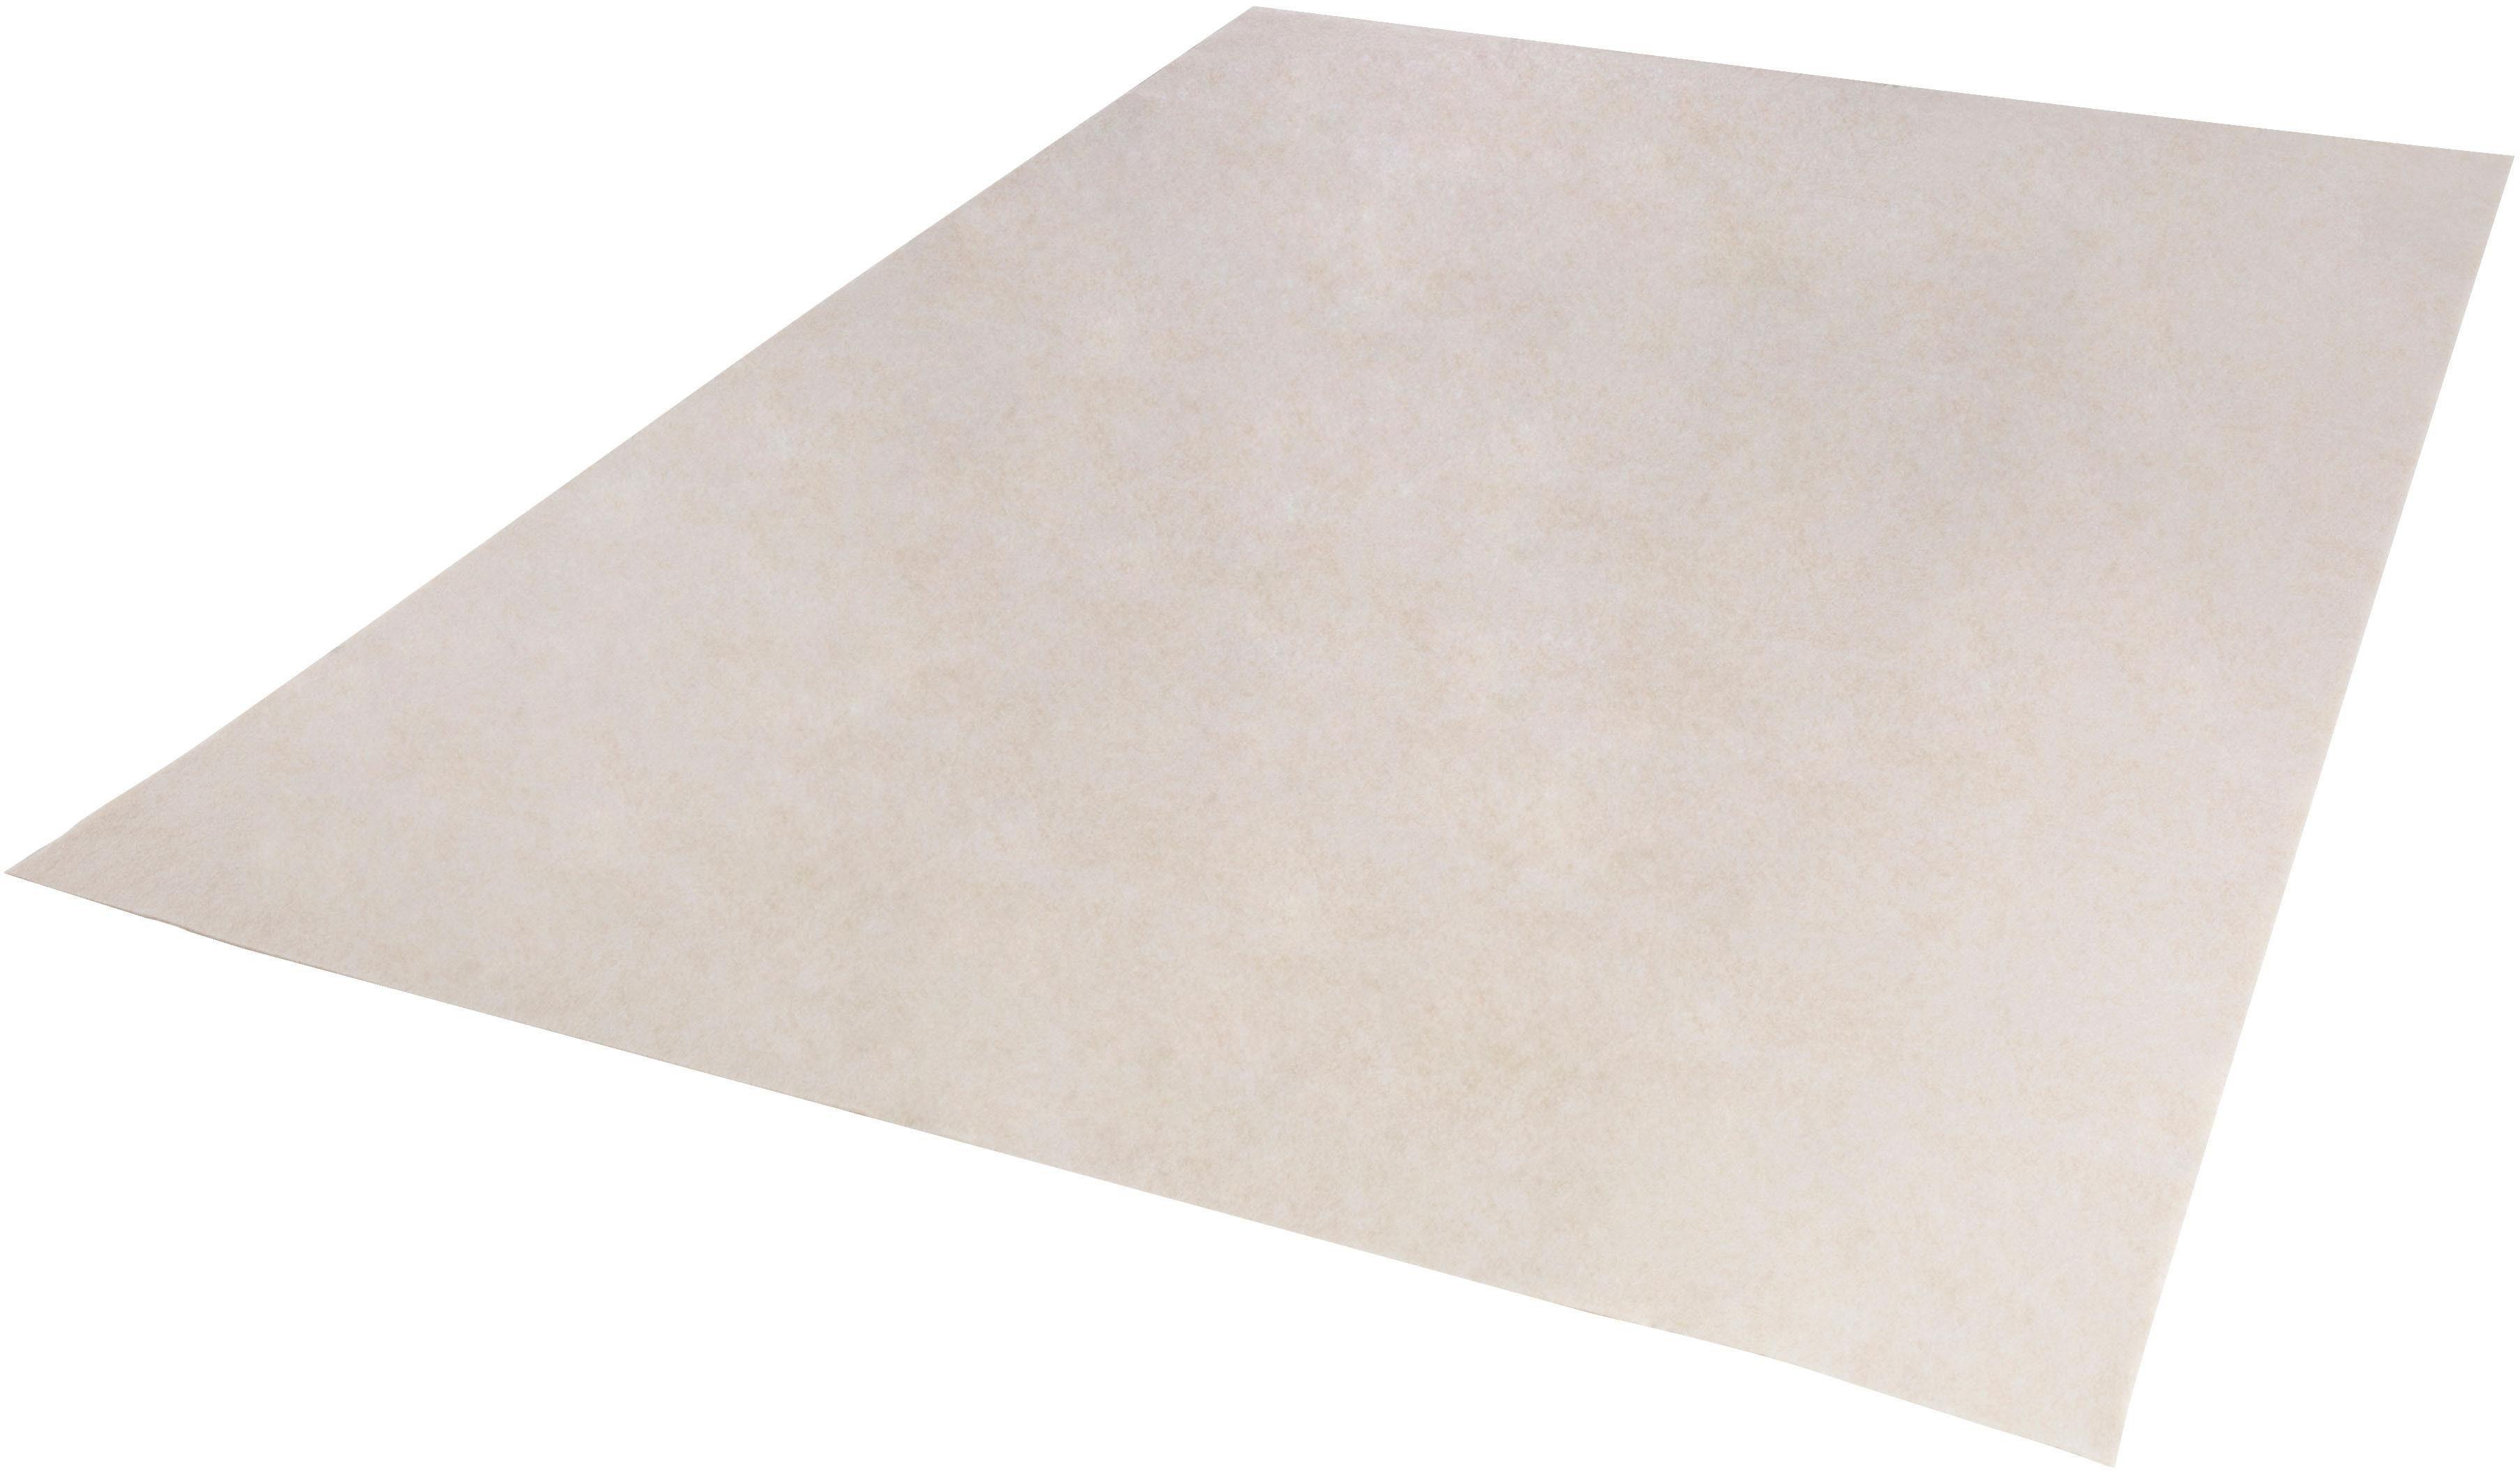 Antirutsch Teppichunterlage »Teppich Stopp«, LUXOR living, Rutschunterlage